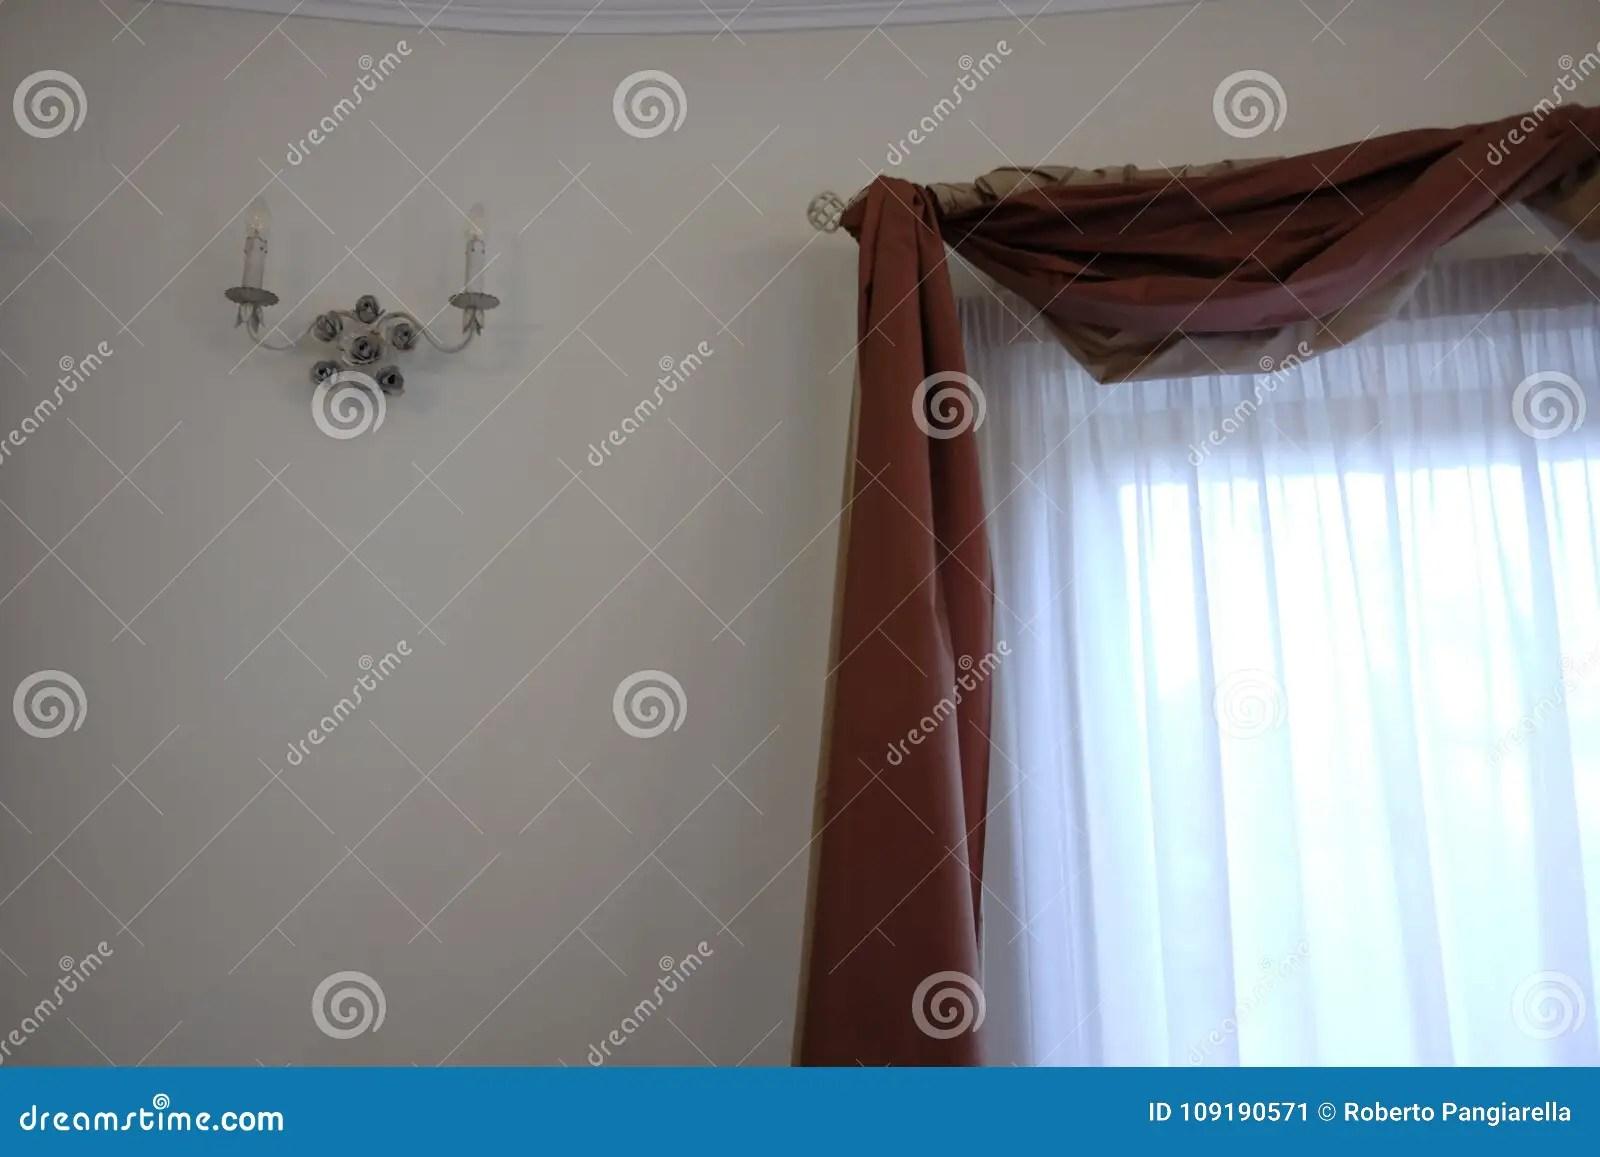 rideaux avec la cantonniere image stock